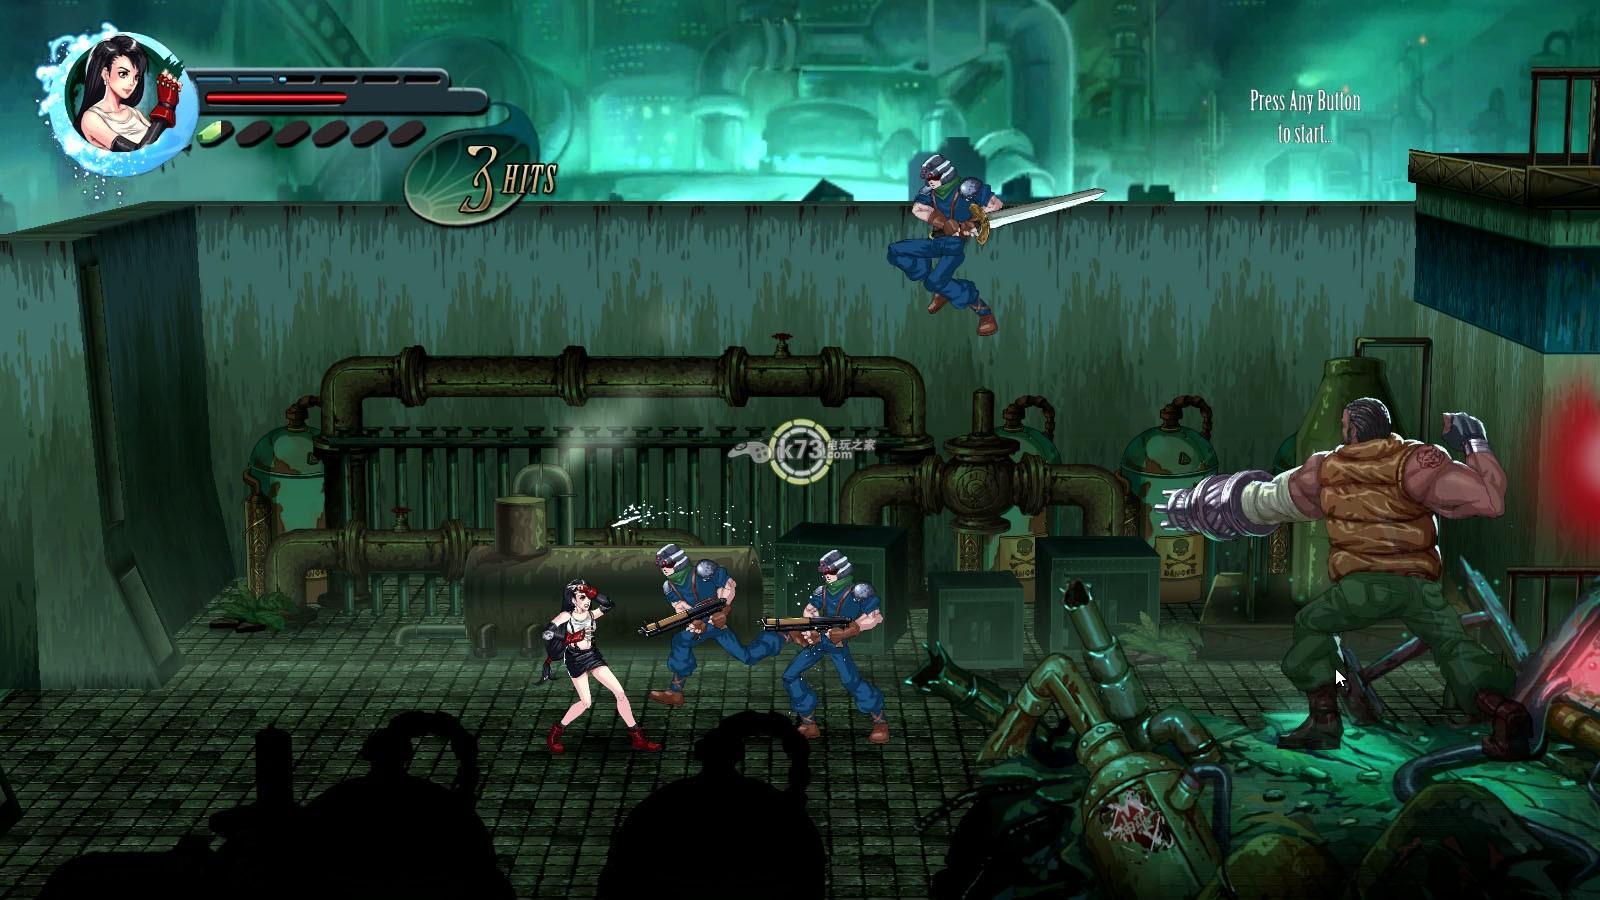 玩家自制2D横版格斗游戏《最终幻想7》demo放出